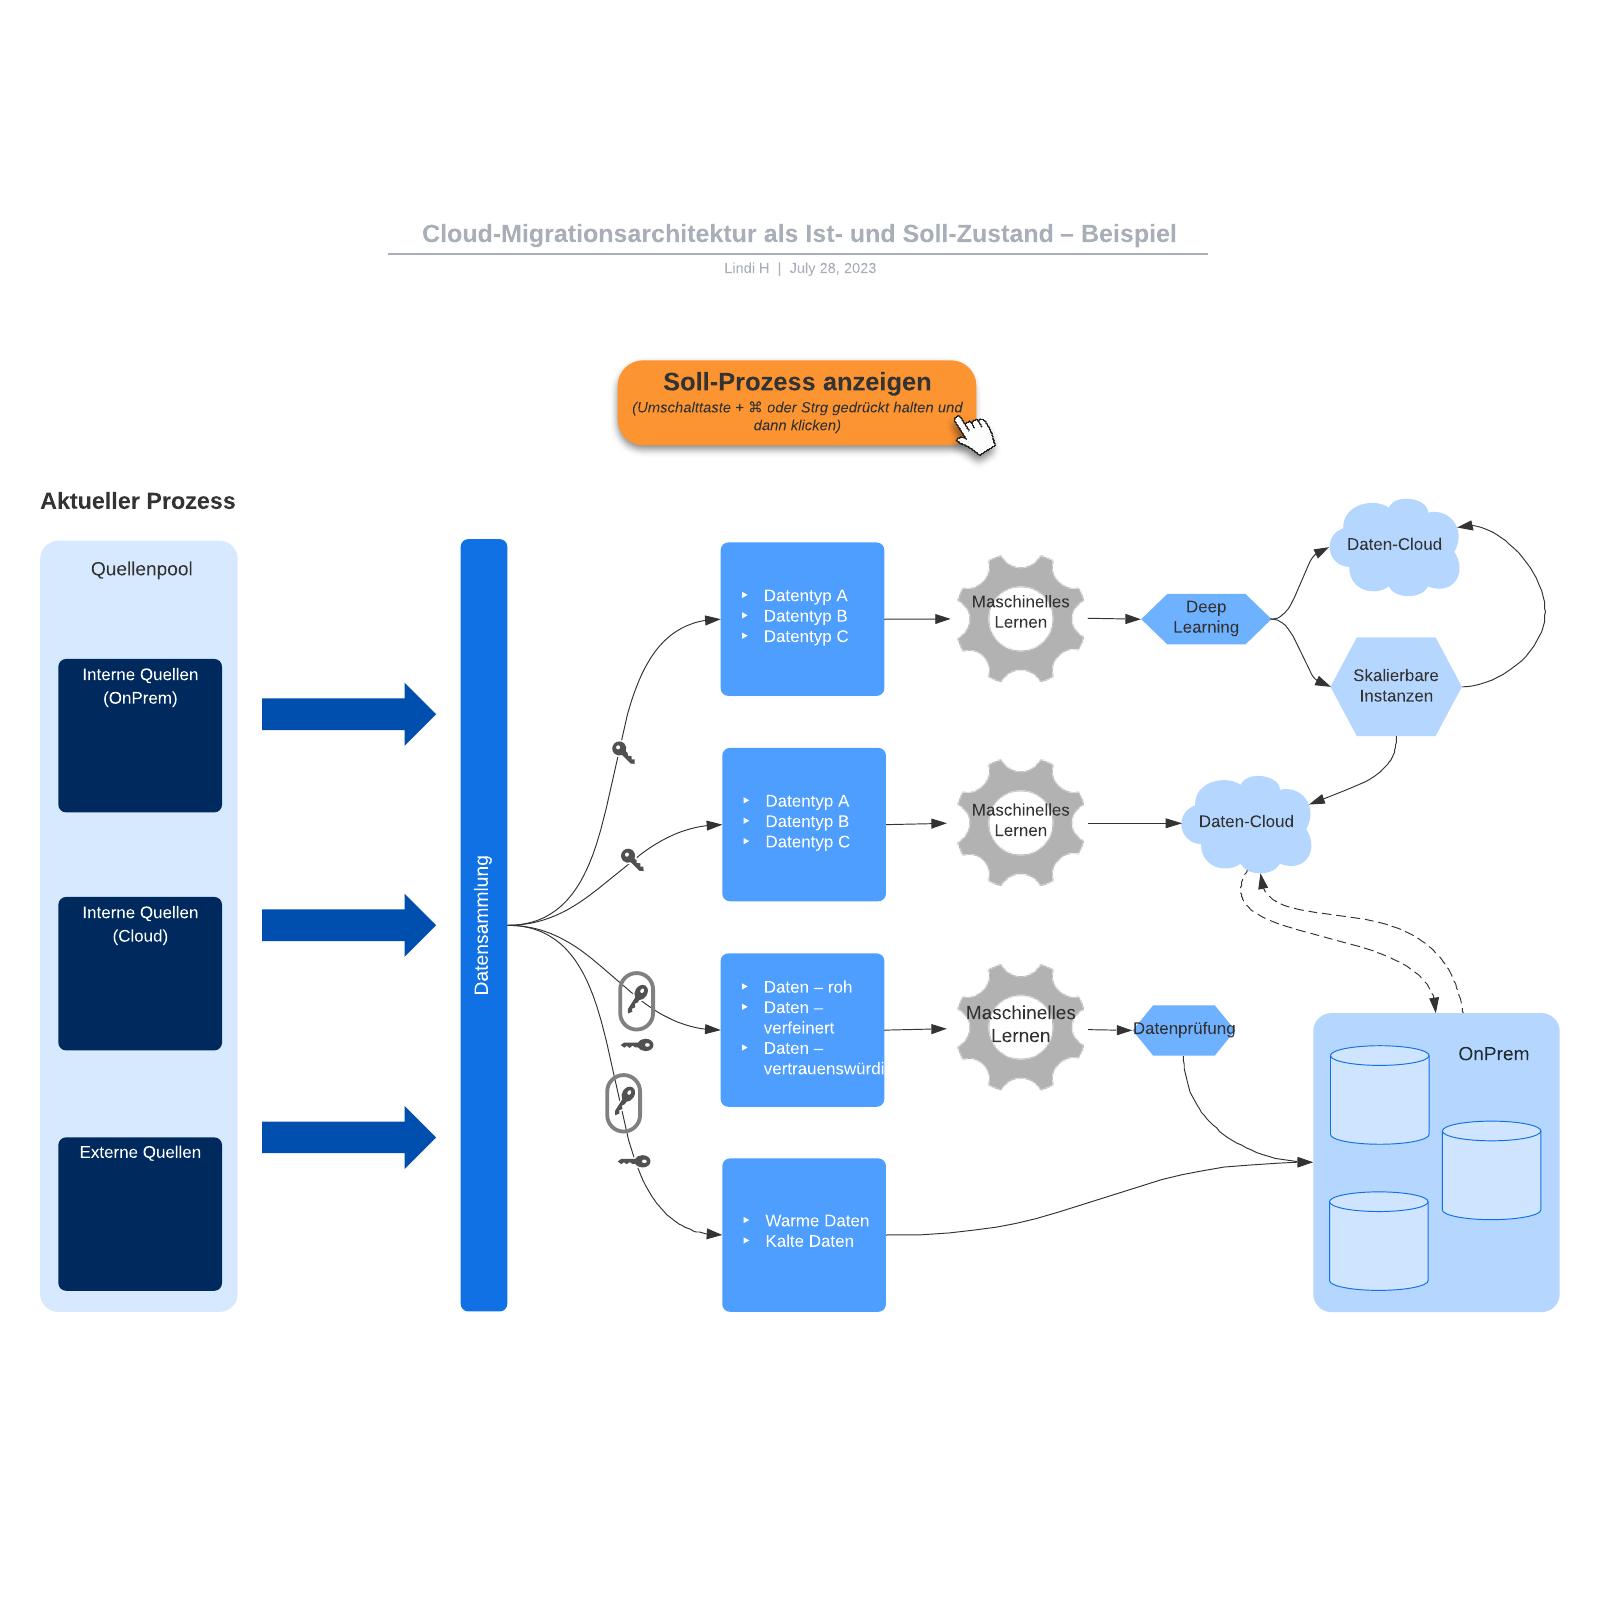 Cloud-Migrationsarchitektur - Ist/Soll-Zustand – Beispiel